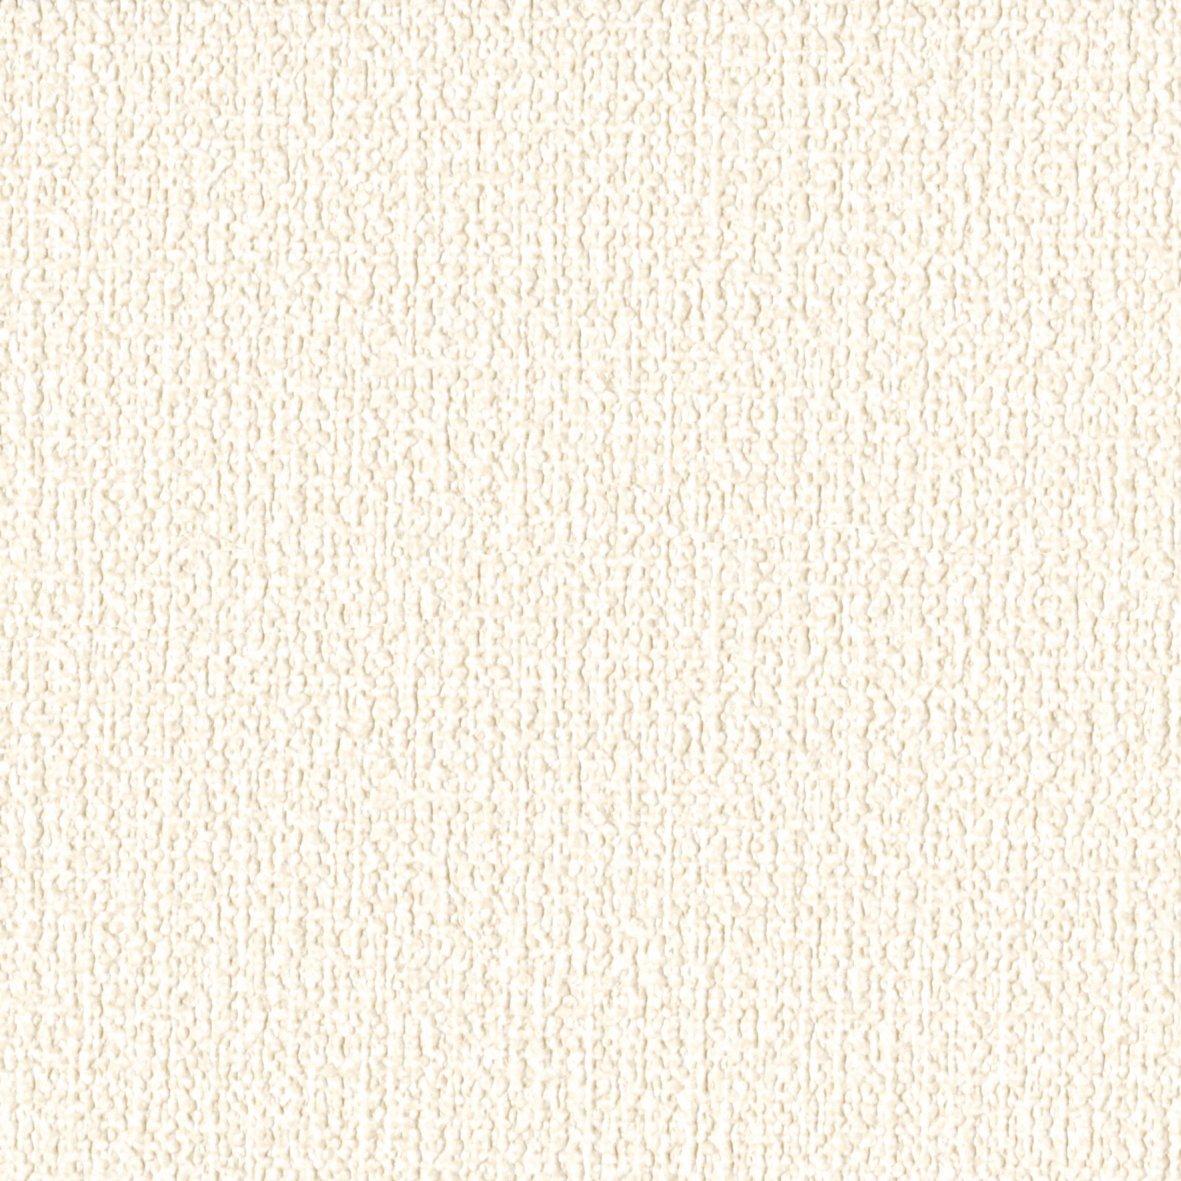 リリカラ 壁紙42m シンフル 織物調 ベージュ 織物調 LB-9006 B01IHPY0JG 42m